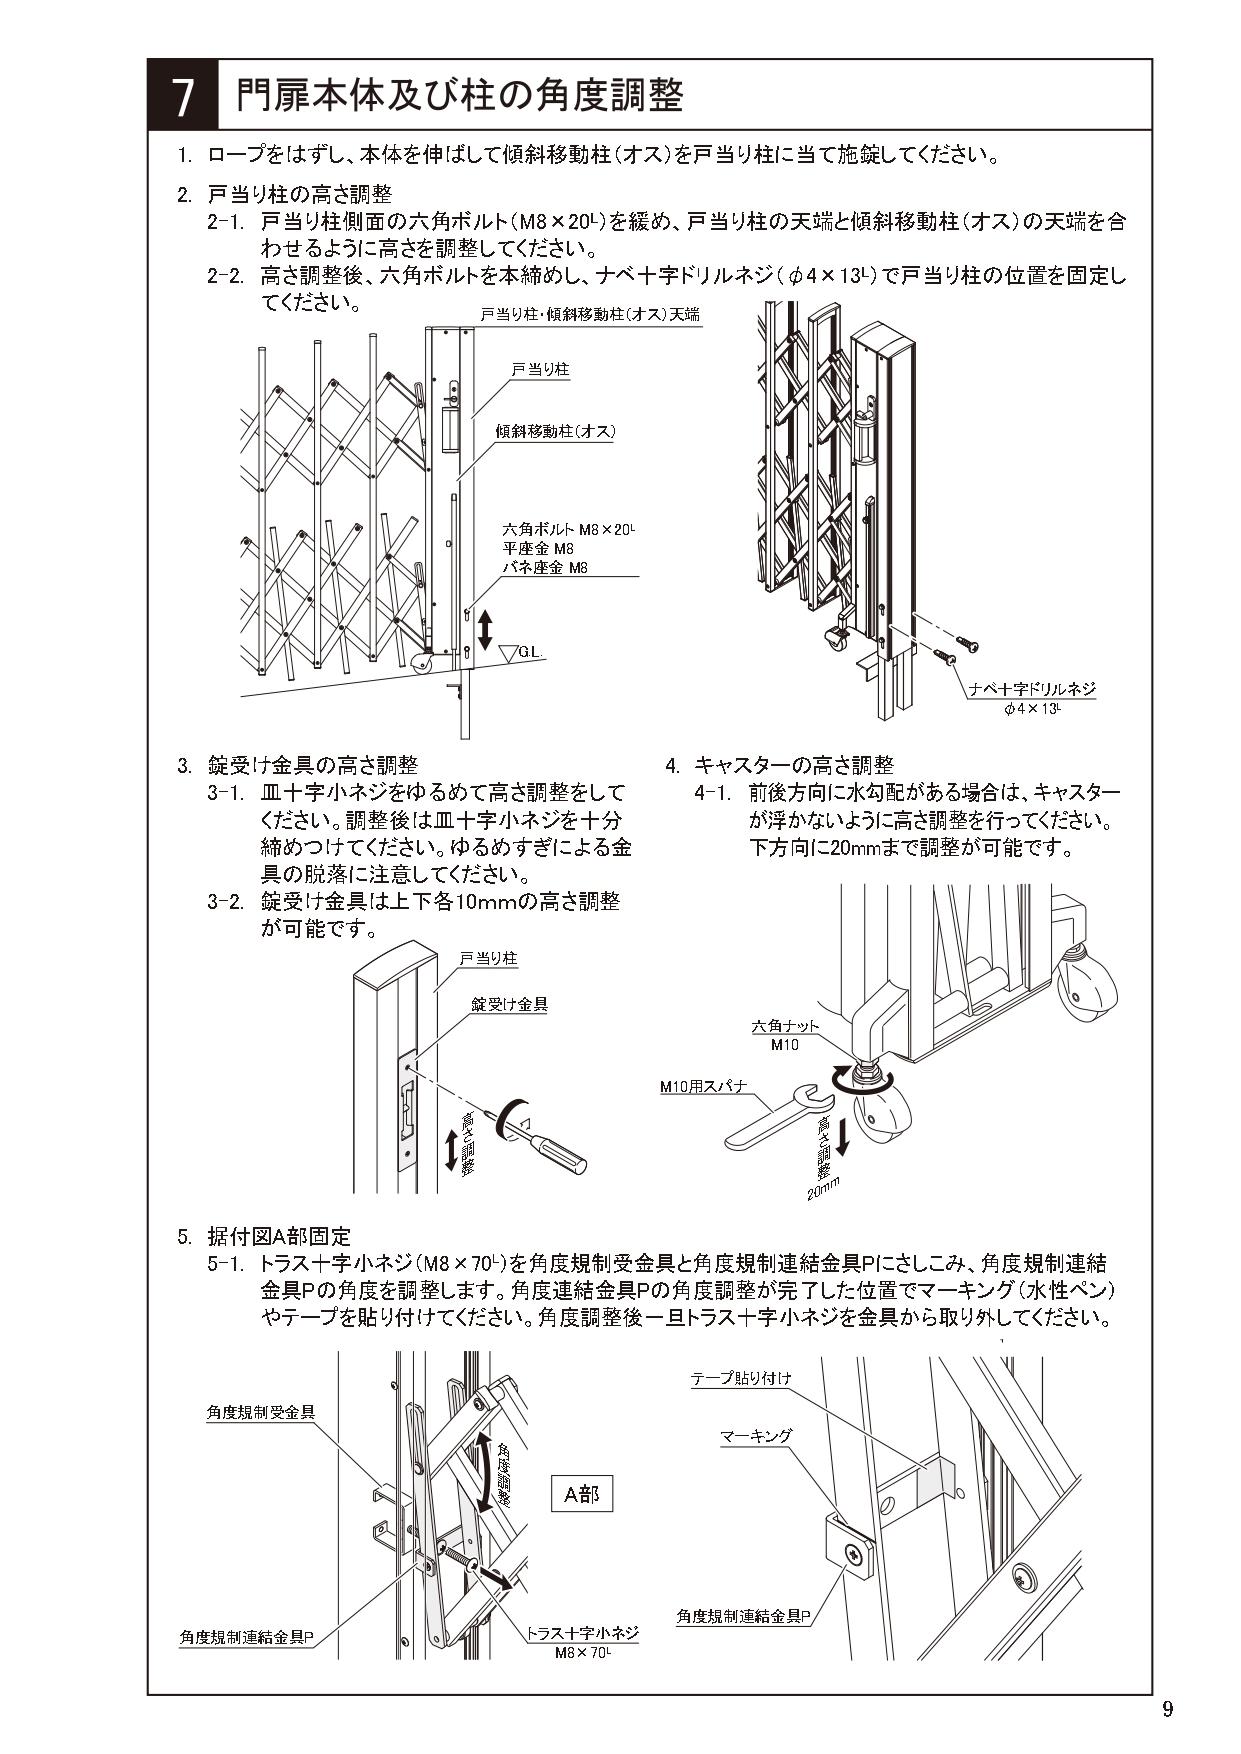 ニューハピネスHG 傾斜・ペットガードタイプ 施工説明書_page-0009